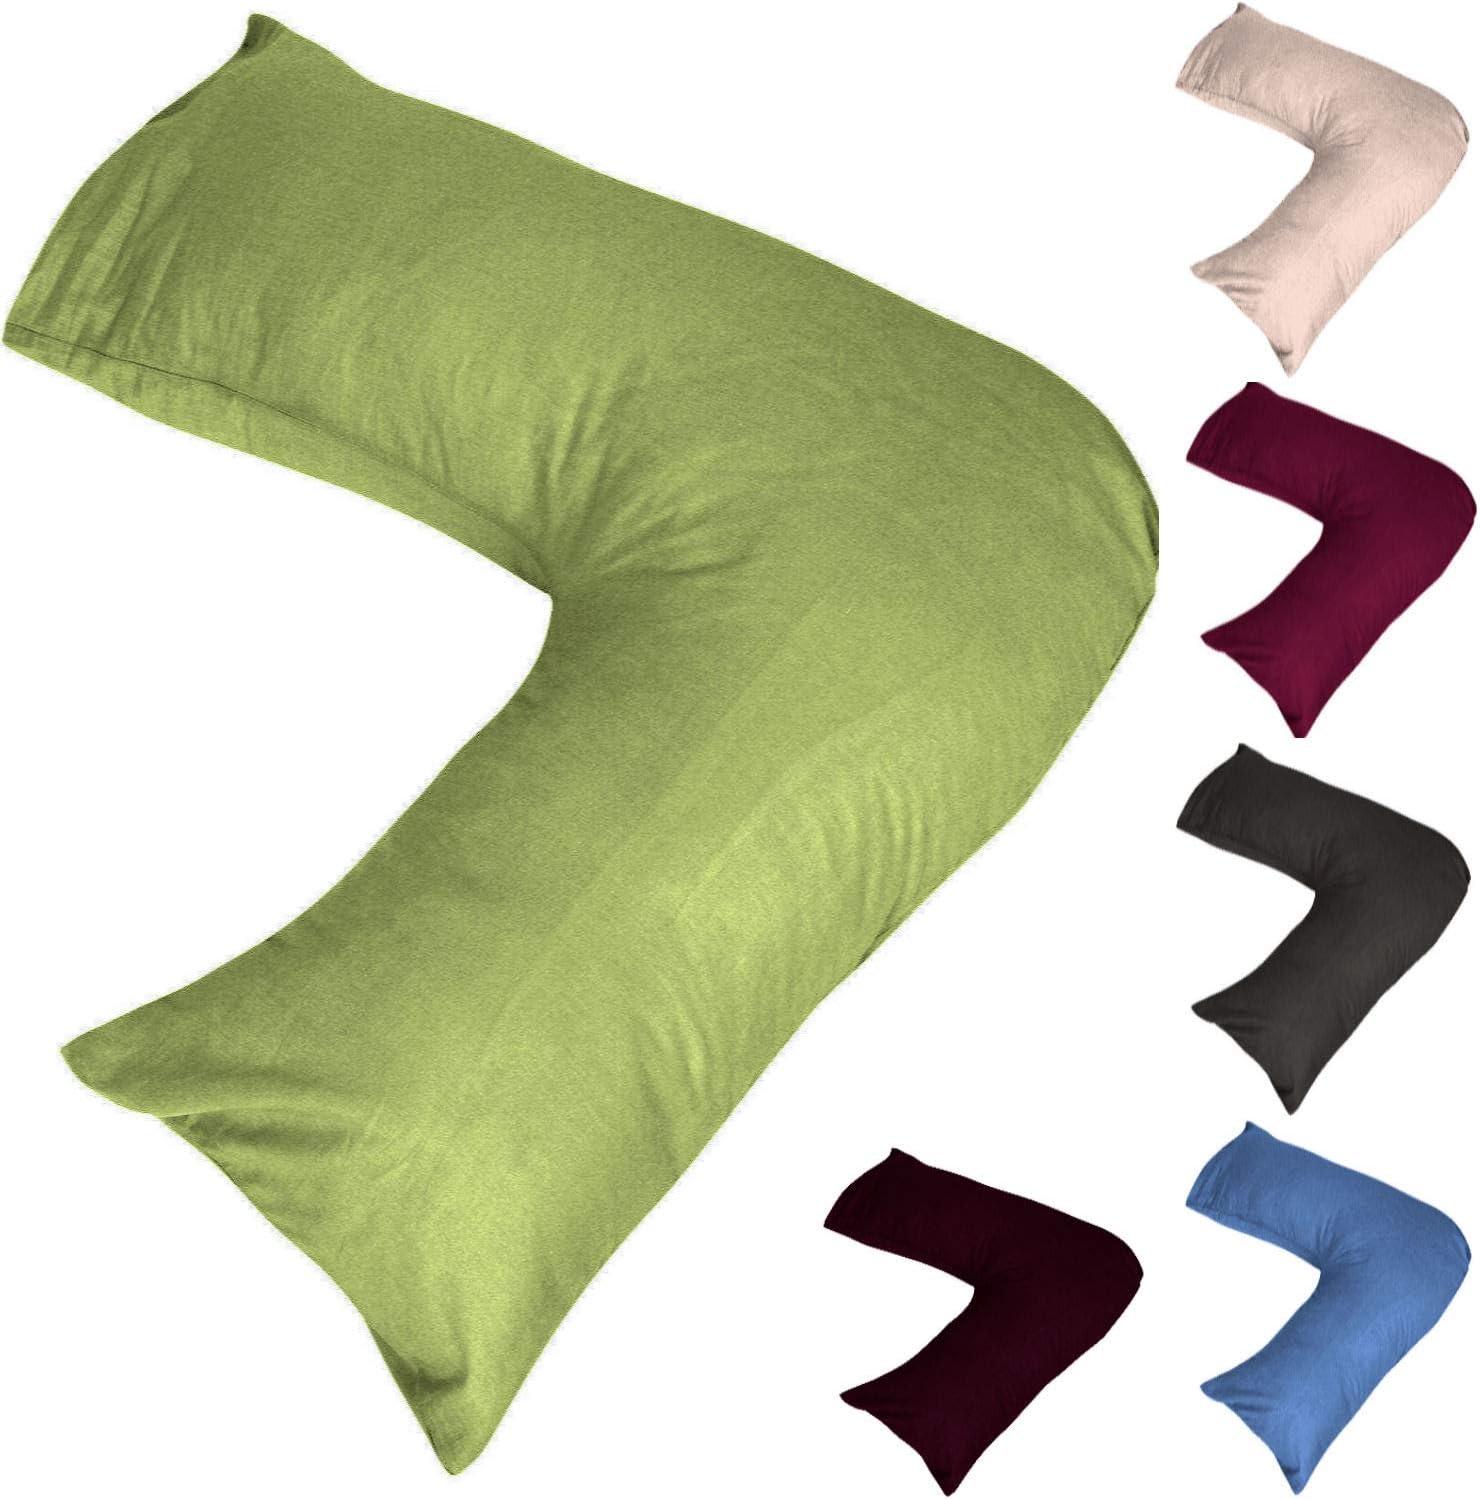 V Pillowcase for V Shaped Pillows Ivory